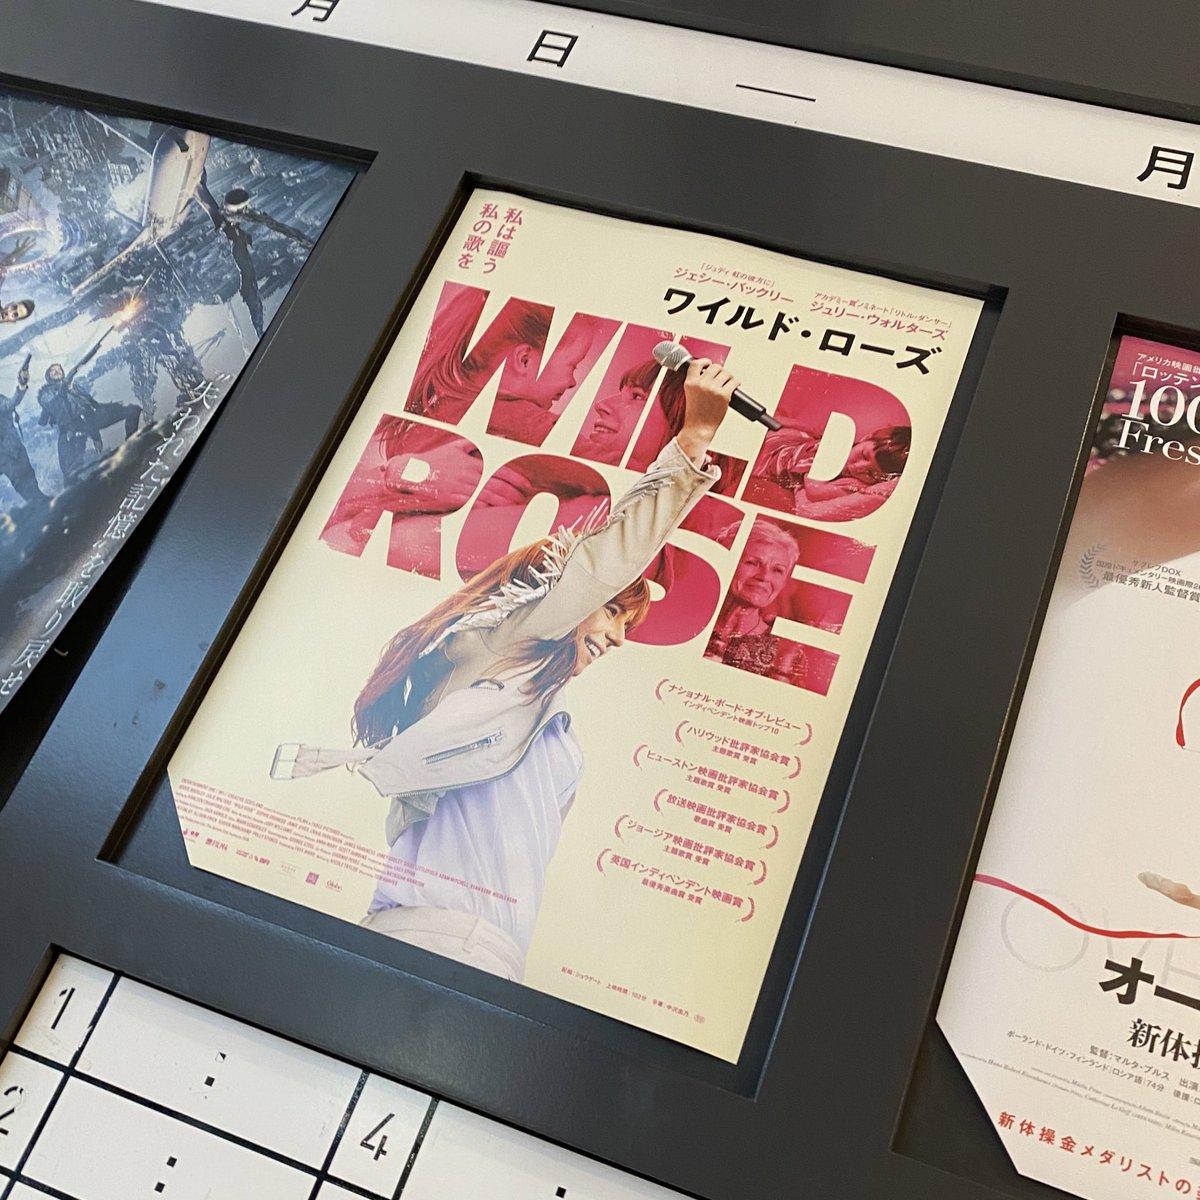 #wildrose  観てきました! ずっとサントラ聴いてるんるんしてます。 心の微細な動きまでお芝居で見れて素敵な音楽も楽しめる素敵な映画でした  映画館はいいなぁ🥺✨  それといまアイスが食べたいのに冷凍庫にアイスないしアイスのためにお外出るのも嫌だし嗚呼アイス…ってなってます。 アイスゥ… https://t.co/B6u9VyEI5y